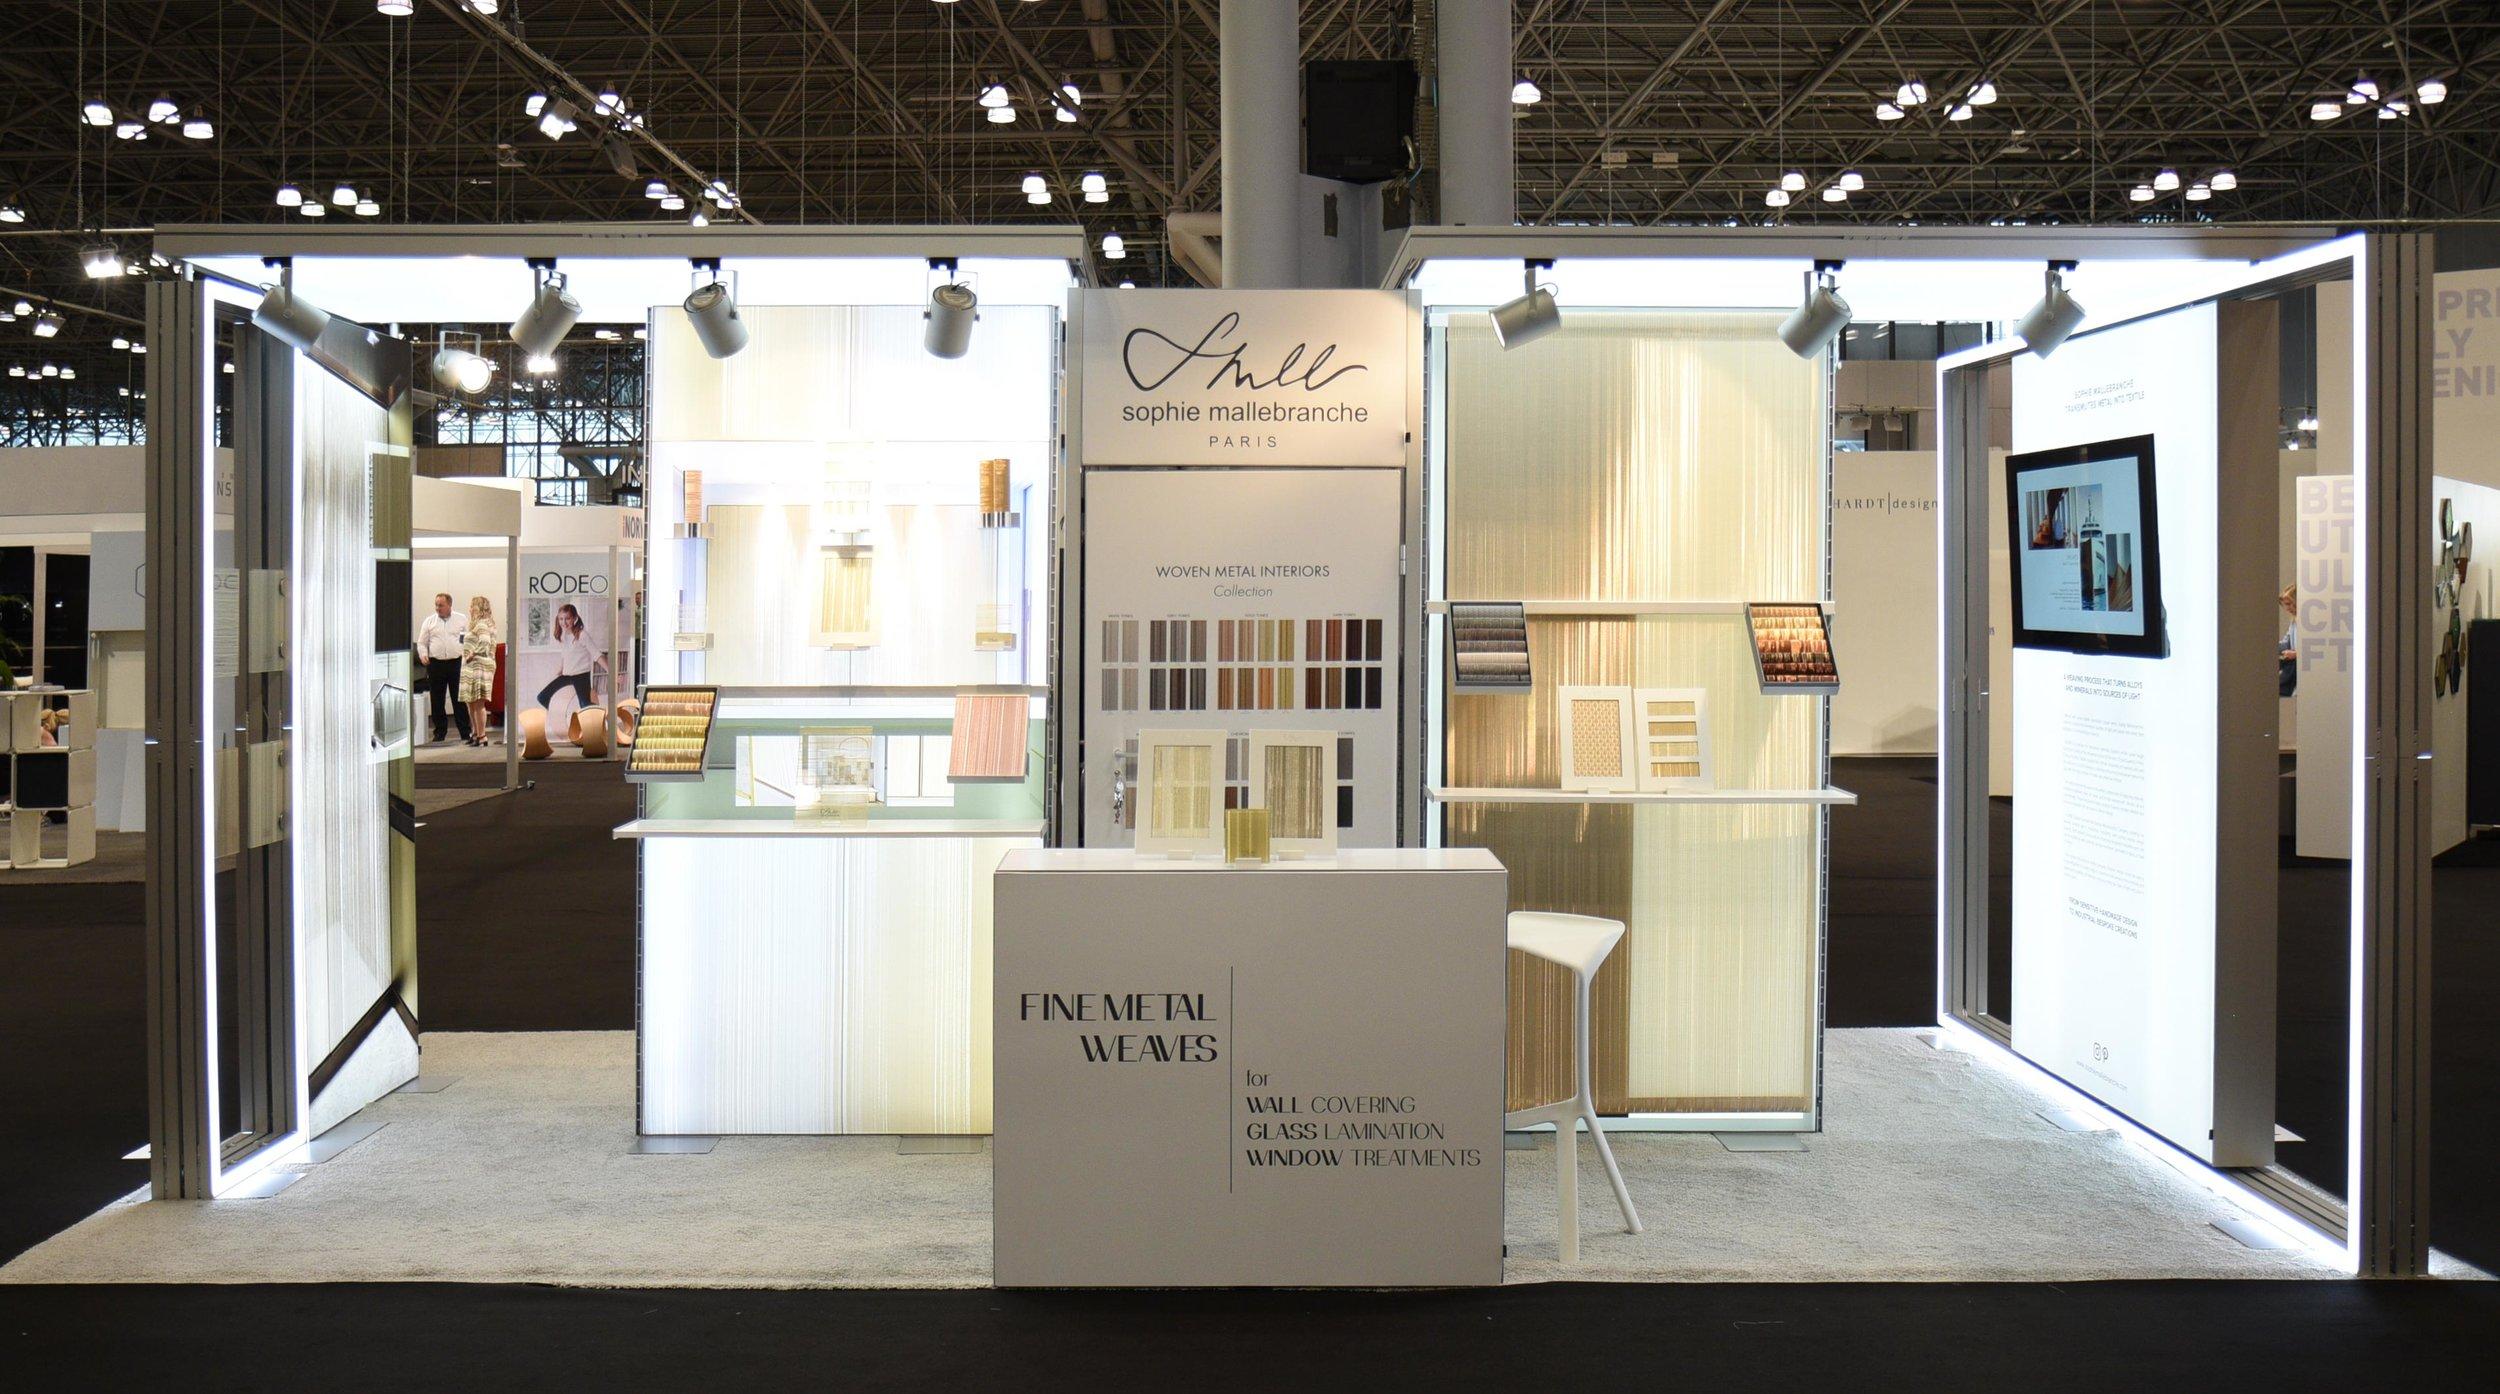 ICFF-New-York-Sophie-Mallebranche-stand-design